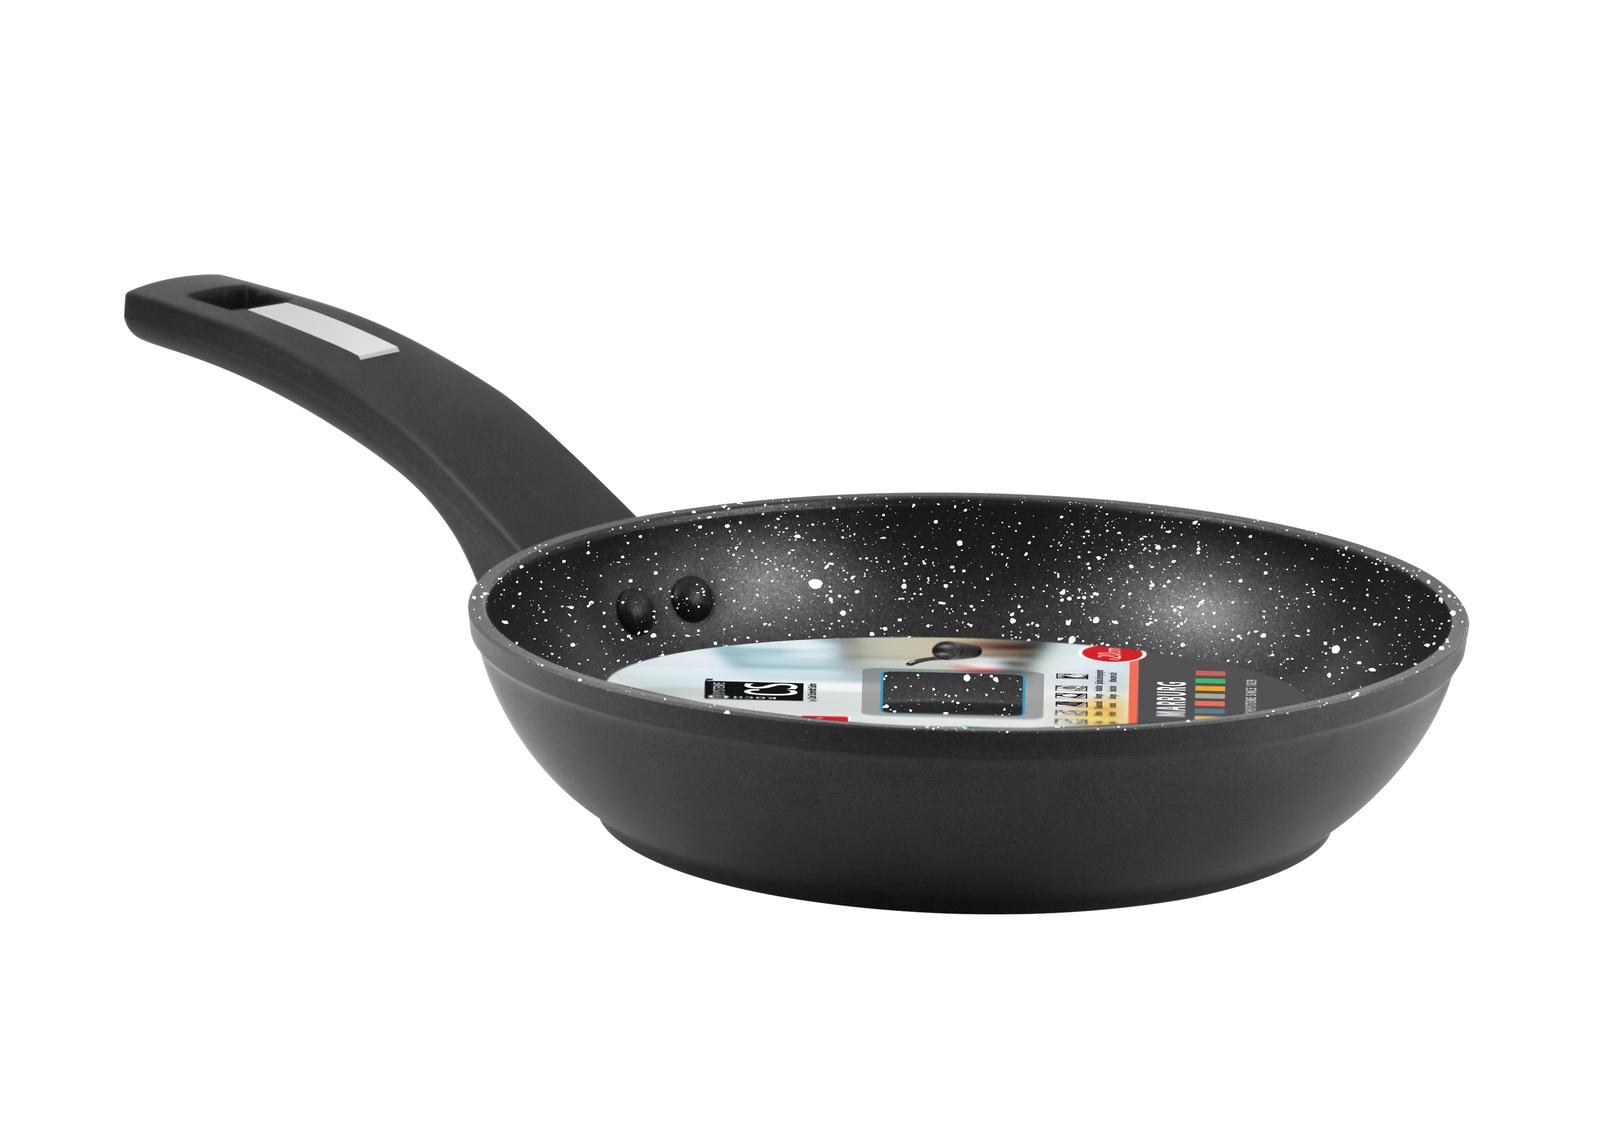 Сковорода CS-KOCHSYSTEME MARBURG D20, с мраморным покрытием, цвет: черный. Диаметр 20 см